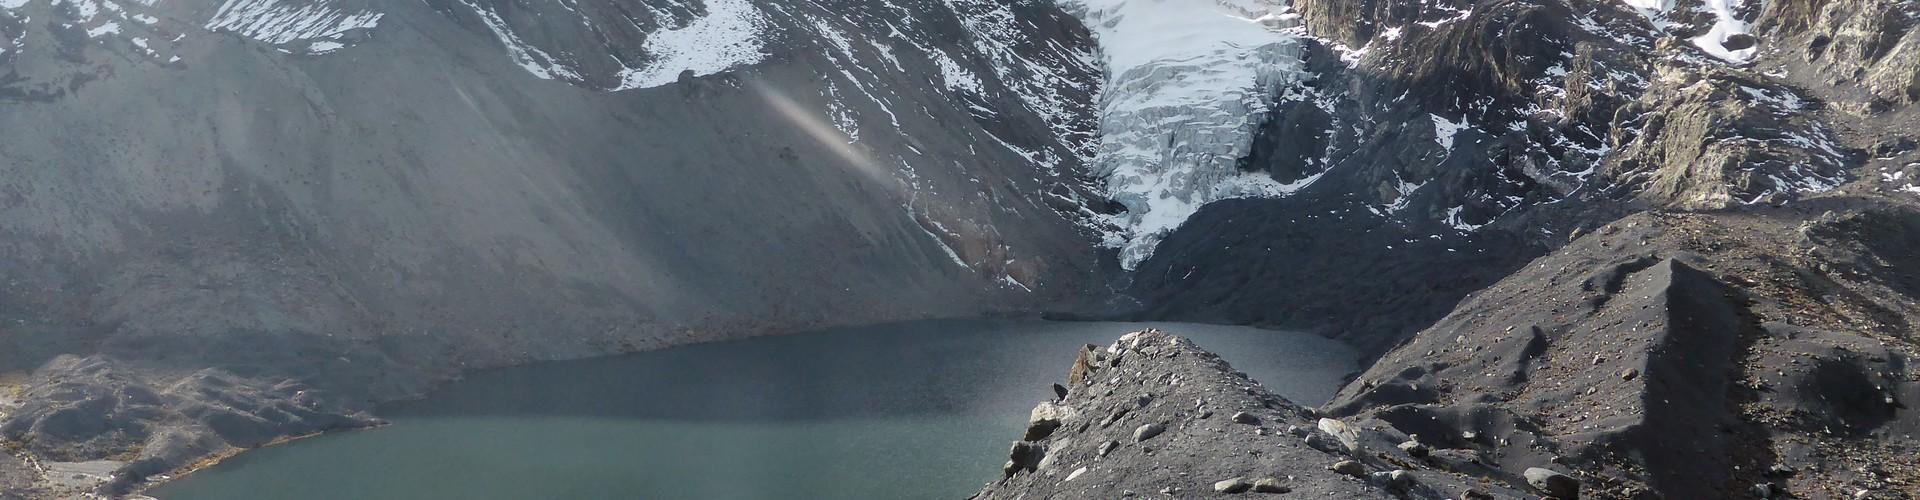 Glacier and glacier lake in the Bolivian Andes (Credit: Simon Cook)